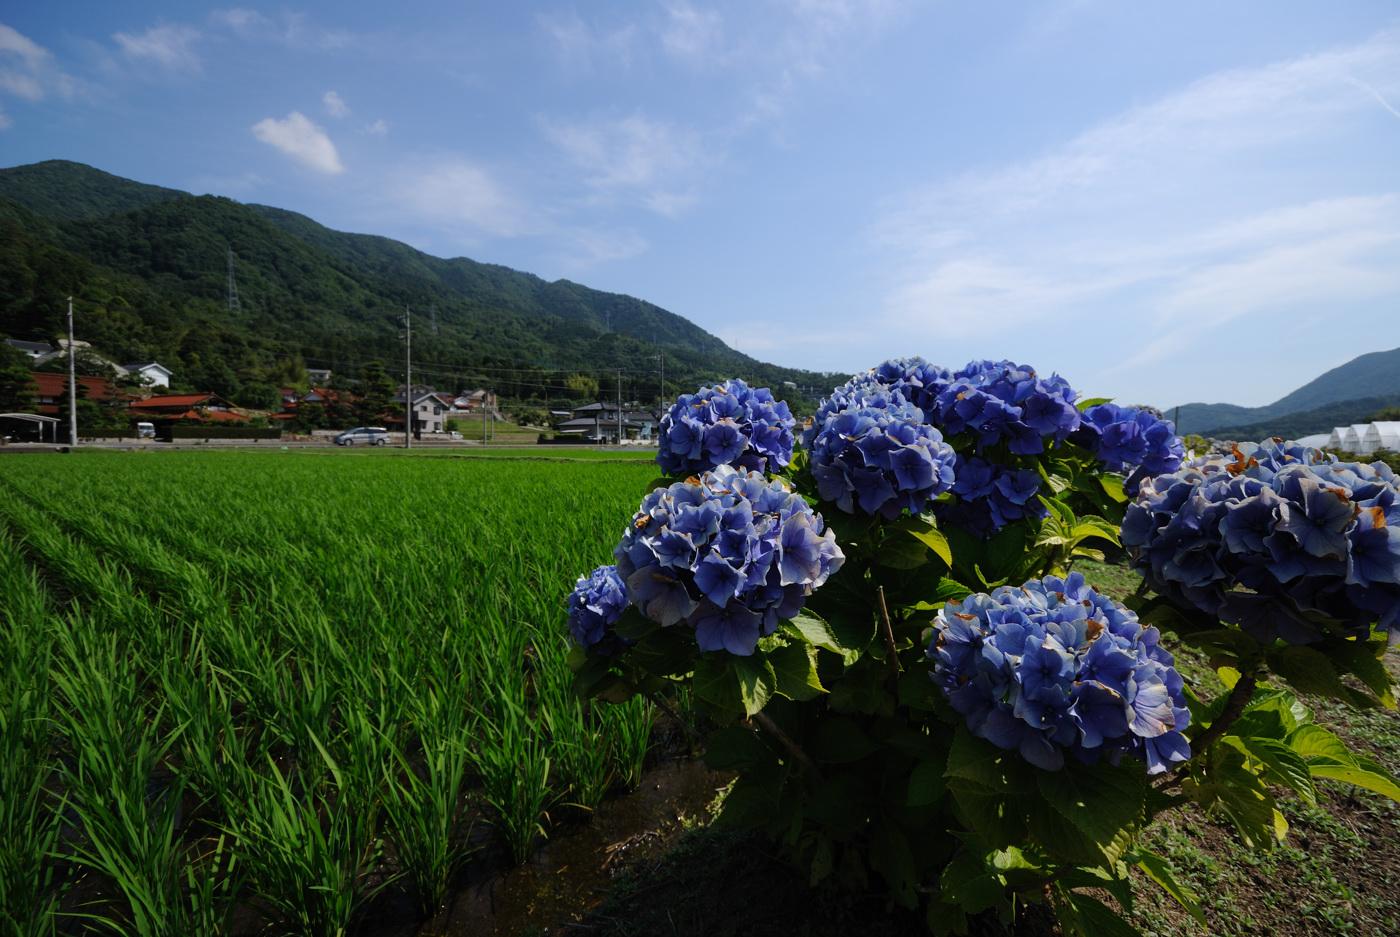 田んぼの脇には紫陽花が咲いていました